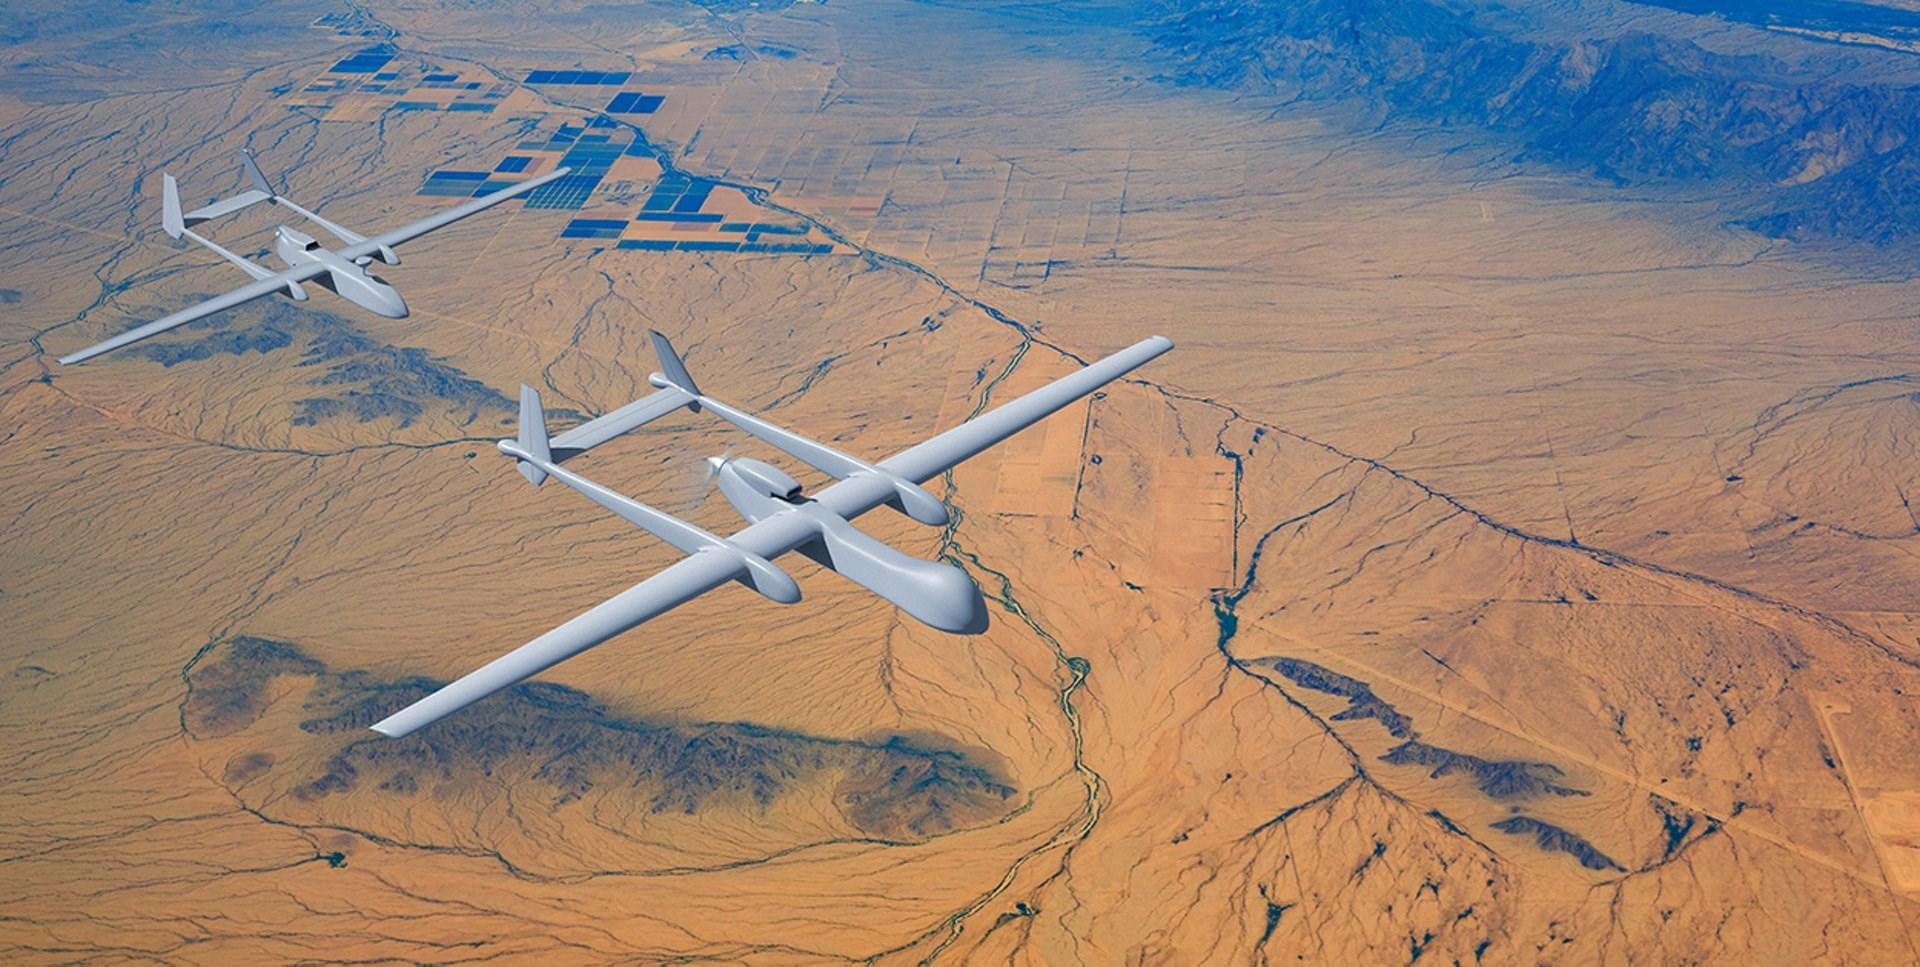 هآرتس: هل ستقصف ألمانيا أفغانستان بطائرات إسرائيلية؟